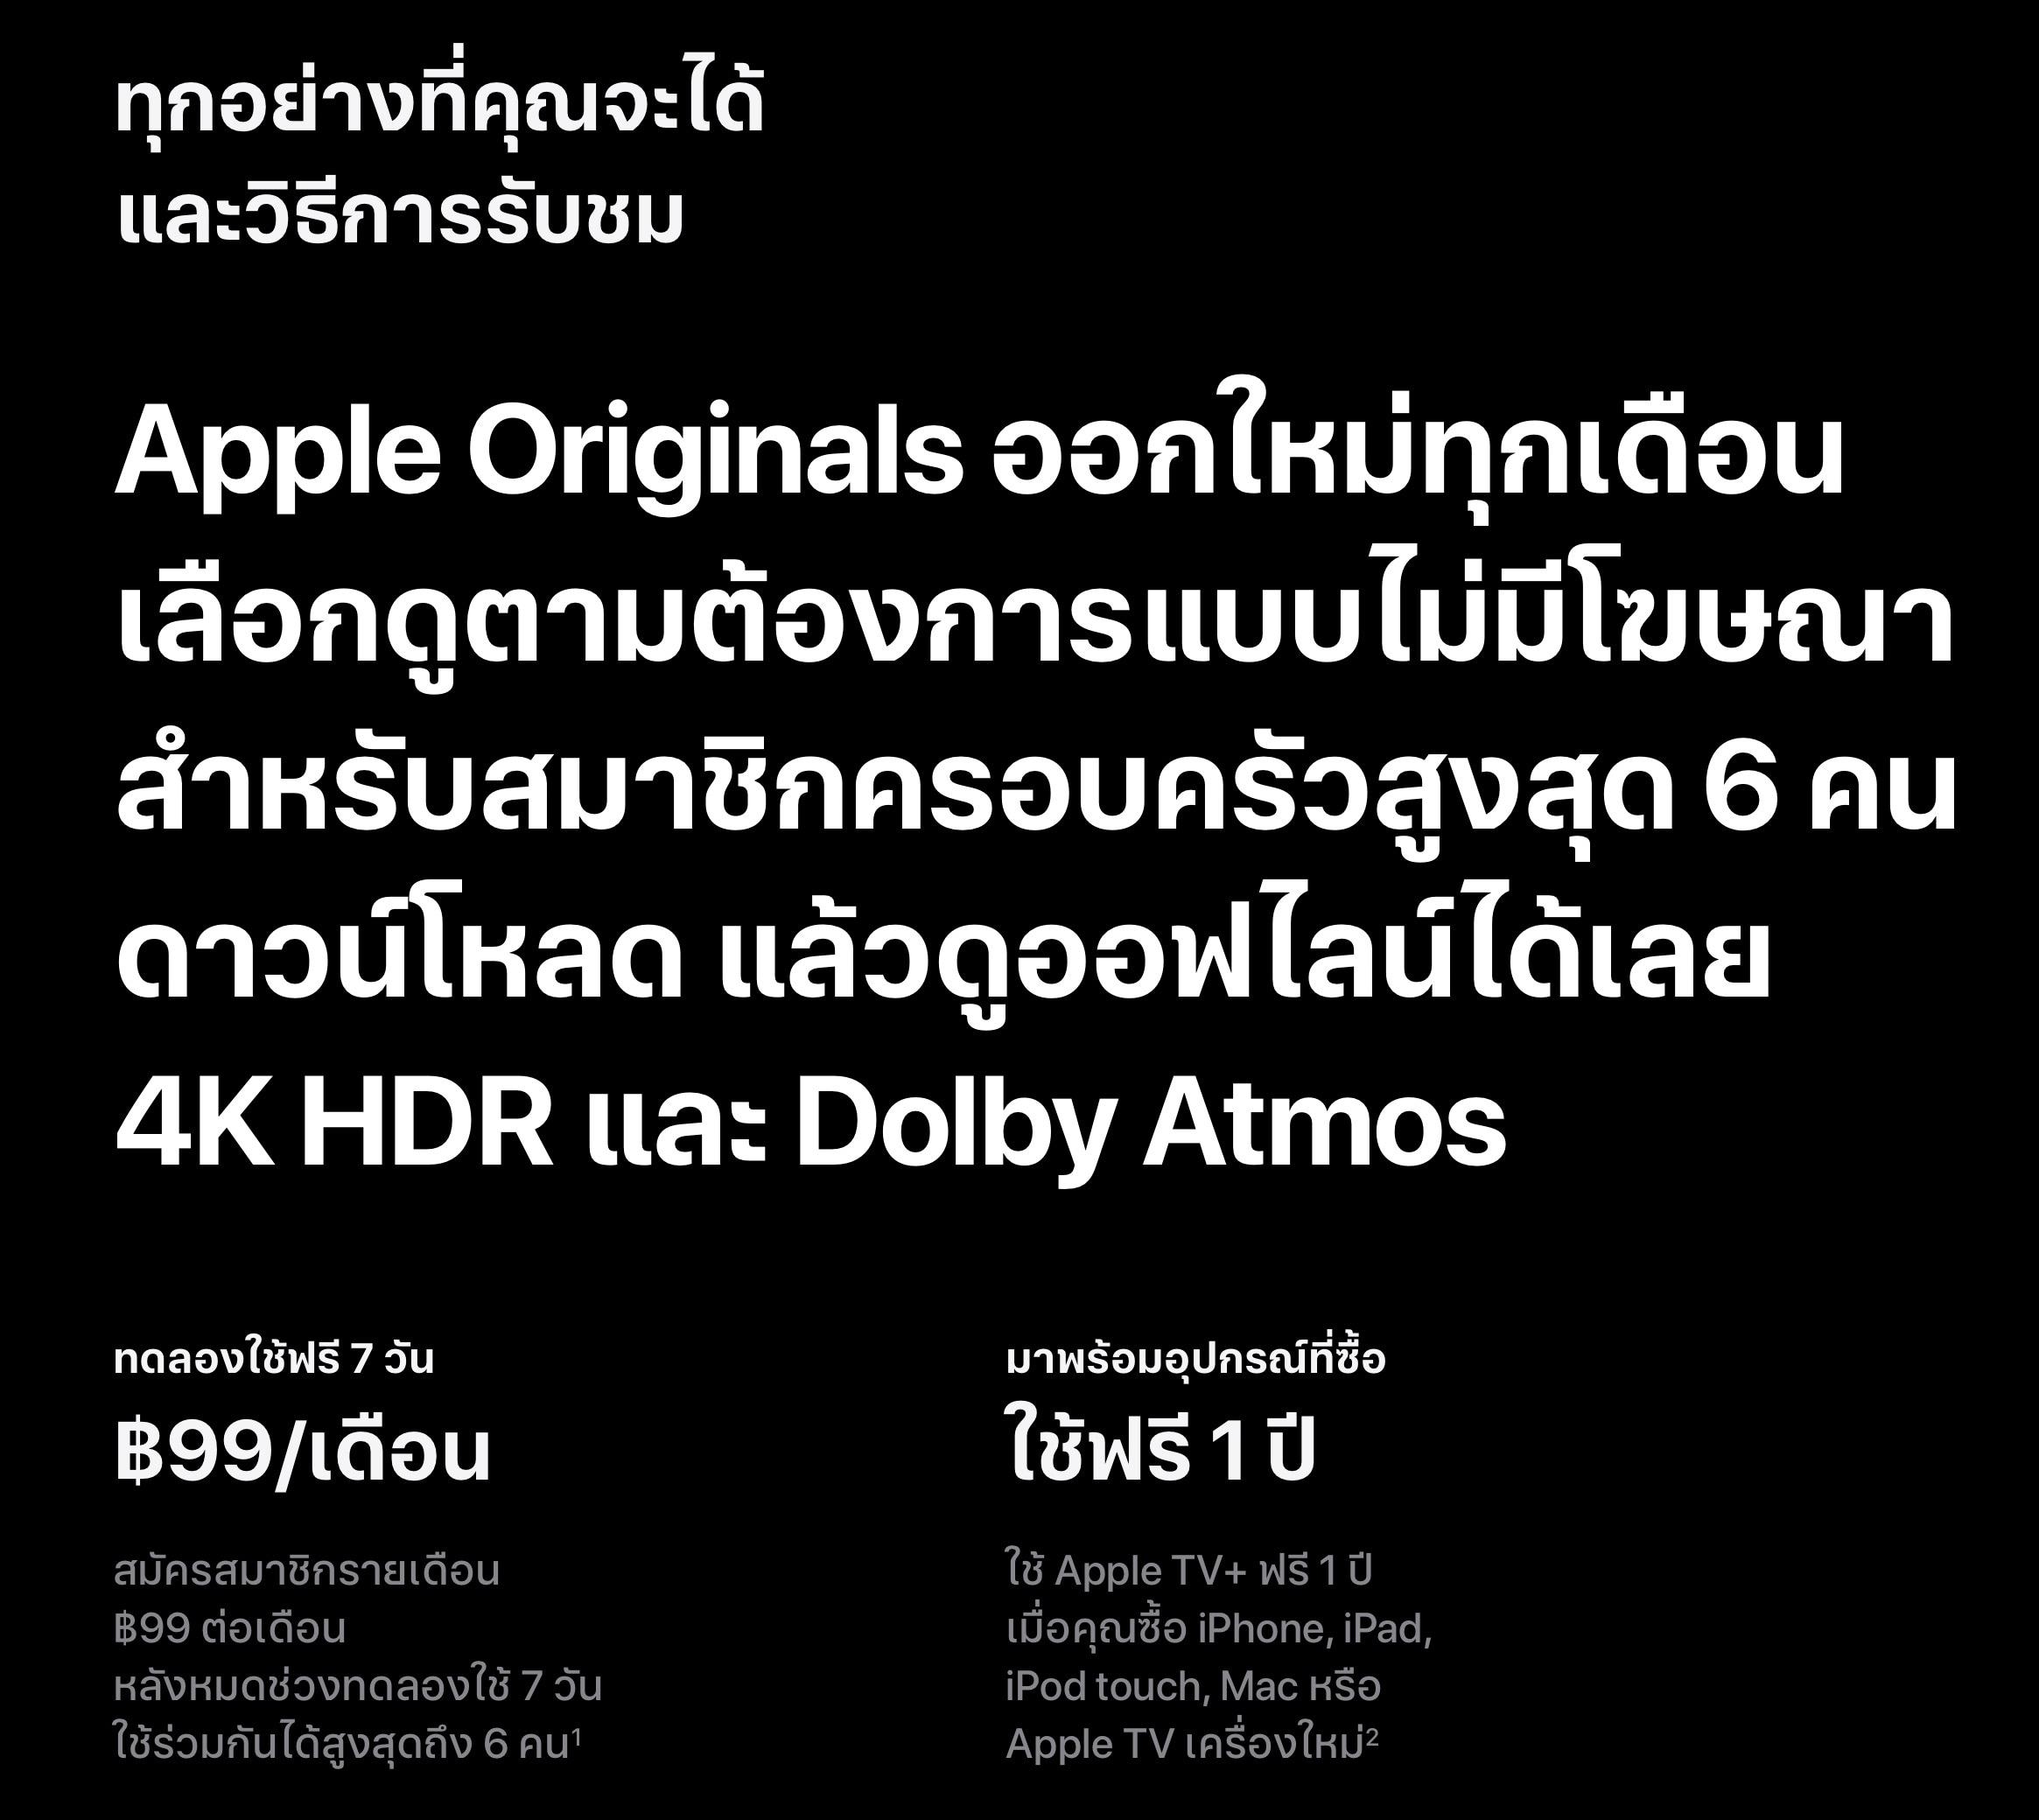 ดู Apple Tv+ ฟรี 1 ปี